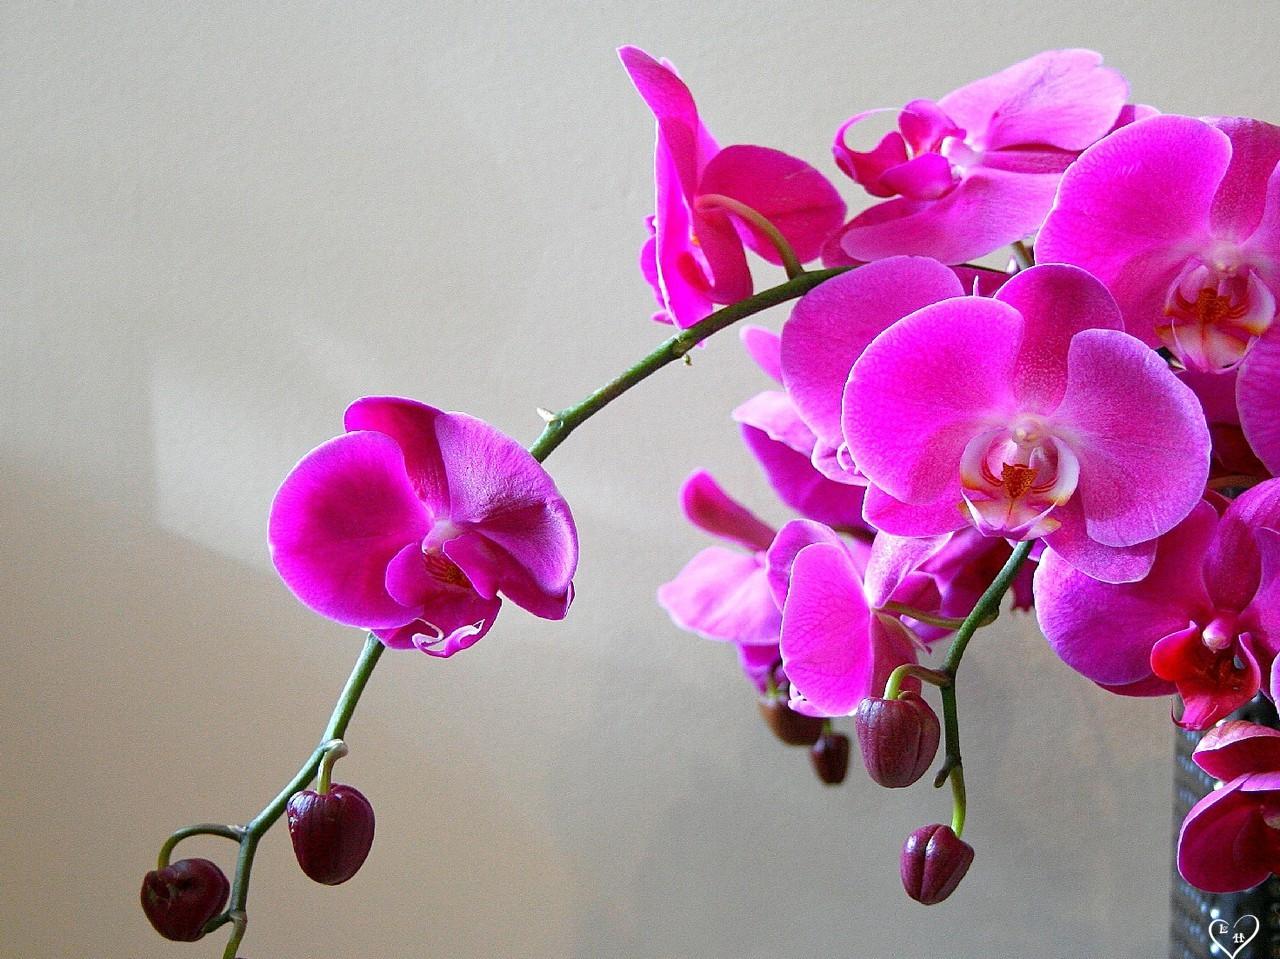 Орхидеи домашние в горшке. Уход в домашних условиях 66